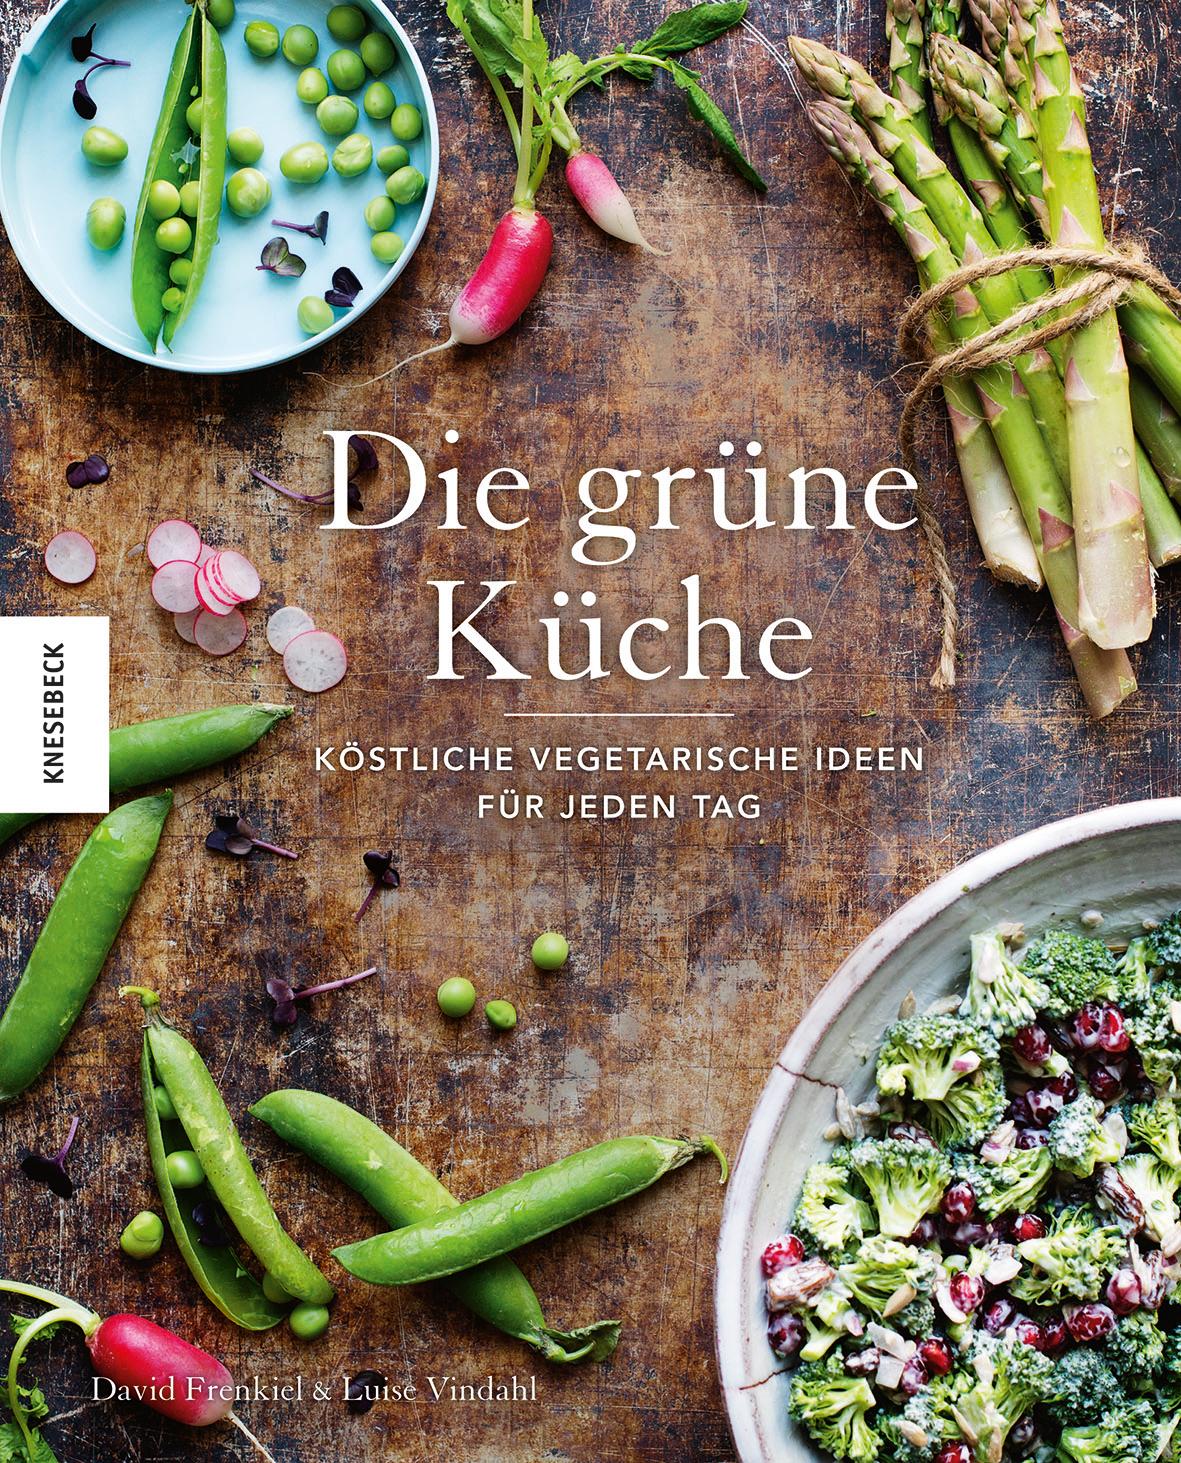 Die grüne Küche: Köstliche vegetarische Ideen für jeden Tag - David Frenkiel